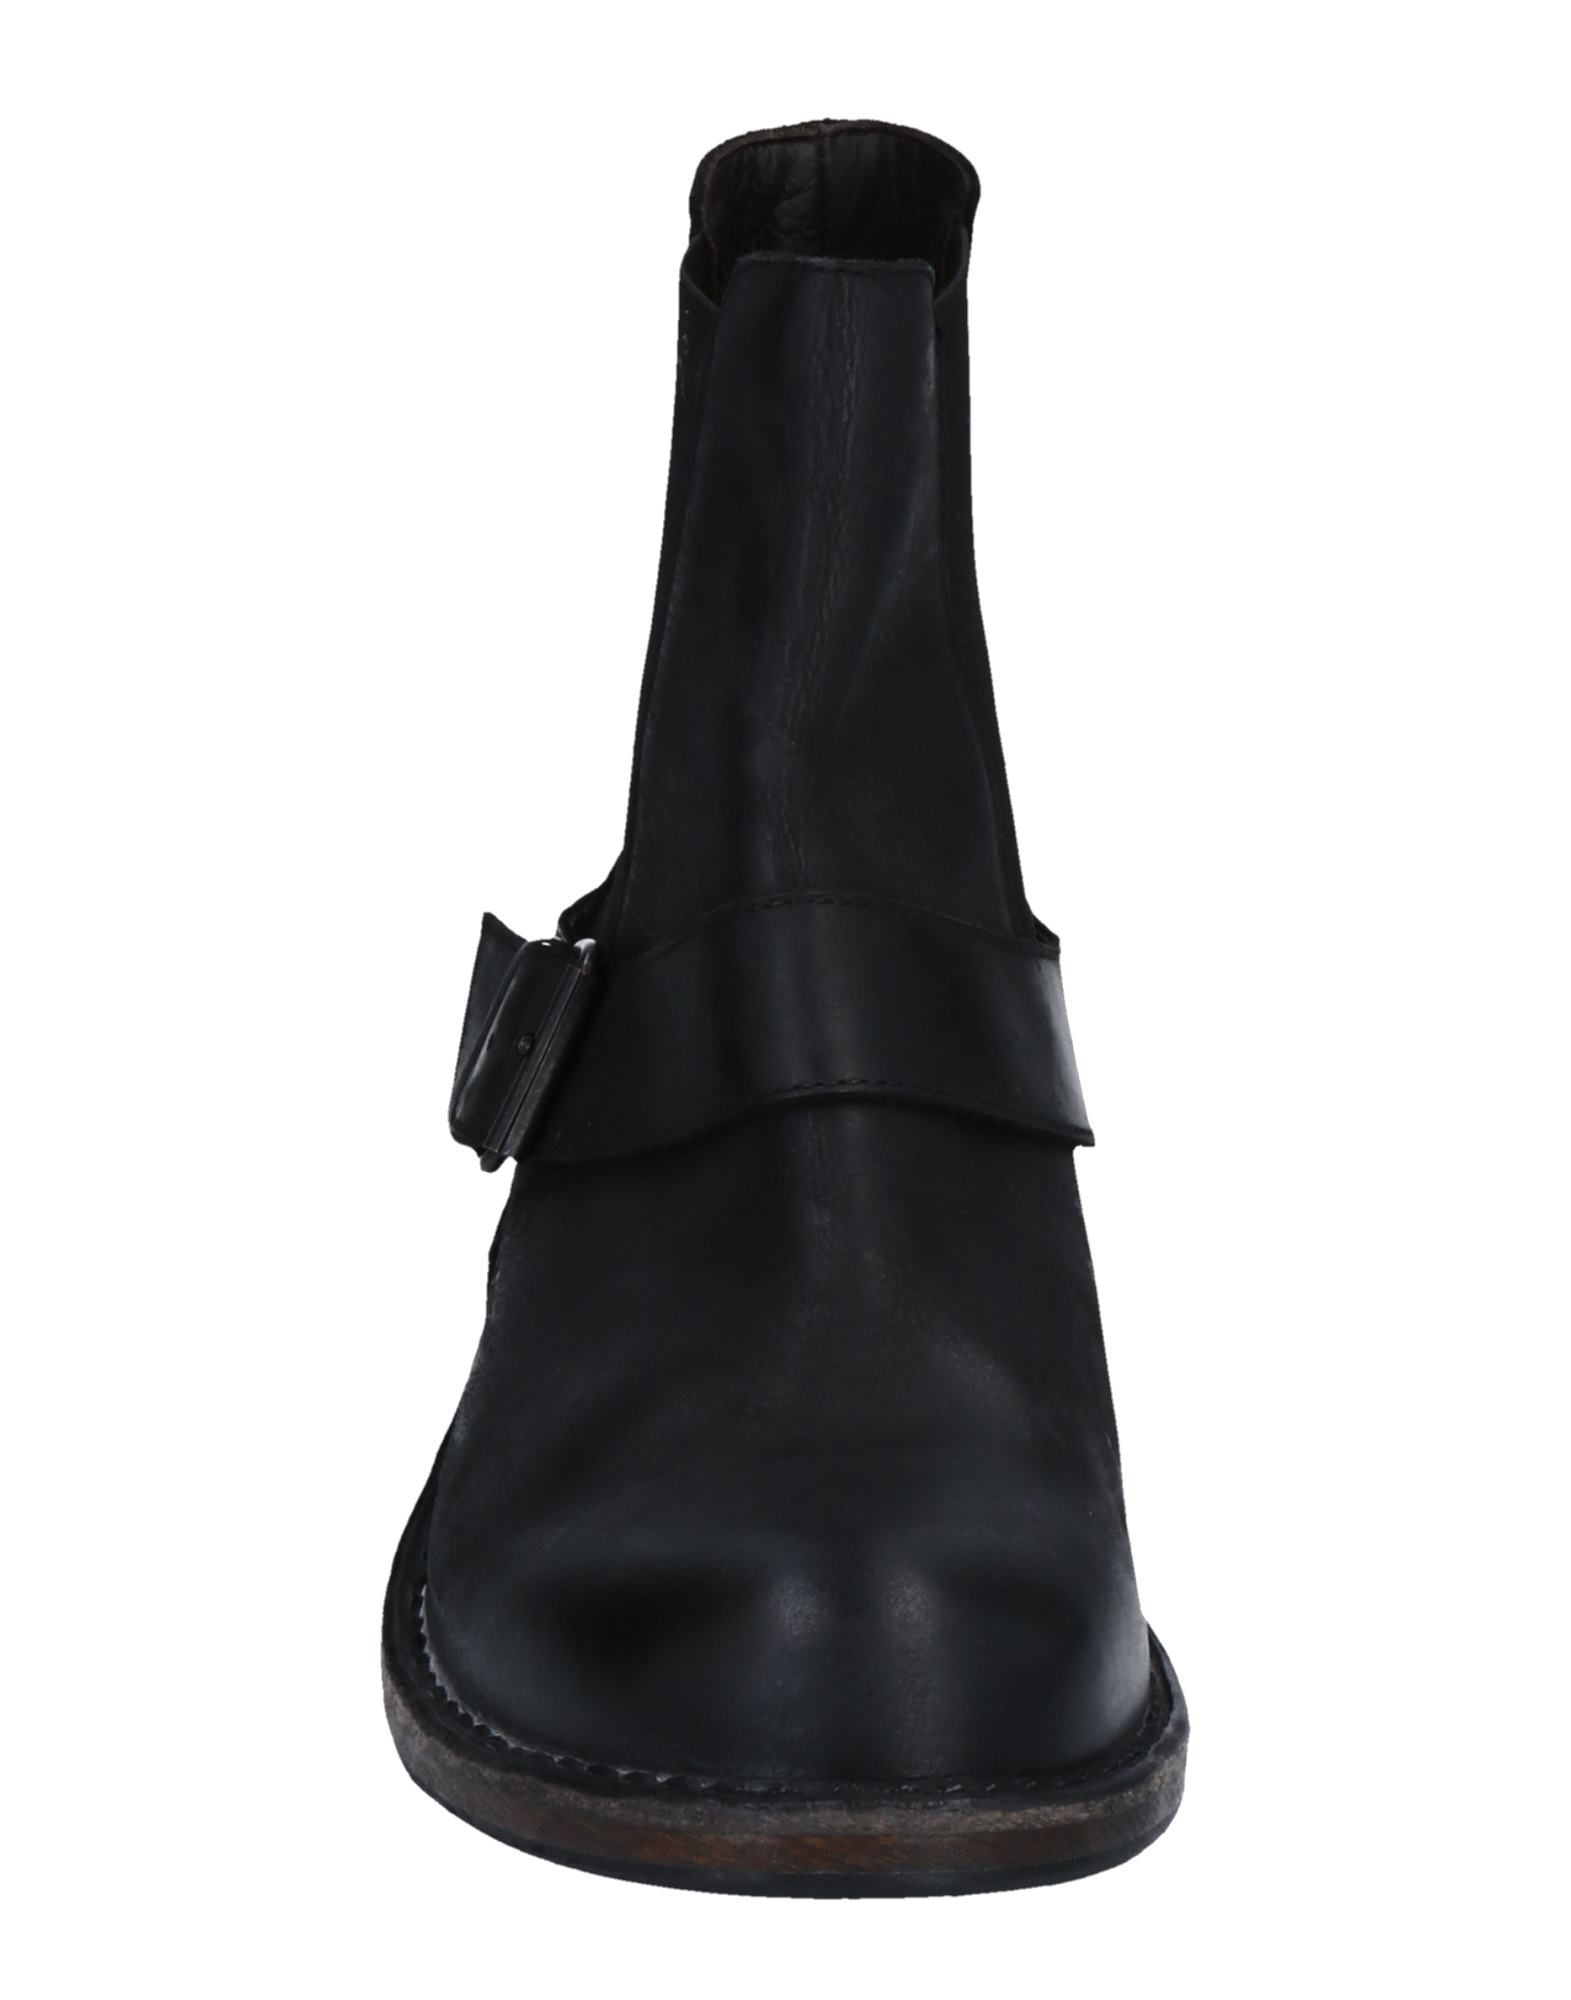 Moma Stiefelette Herren  11516627KE Schuhe Gute Qualität beliebte Schuhe 11516627KE 9af7f6